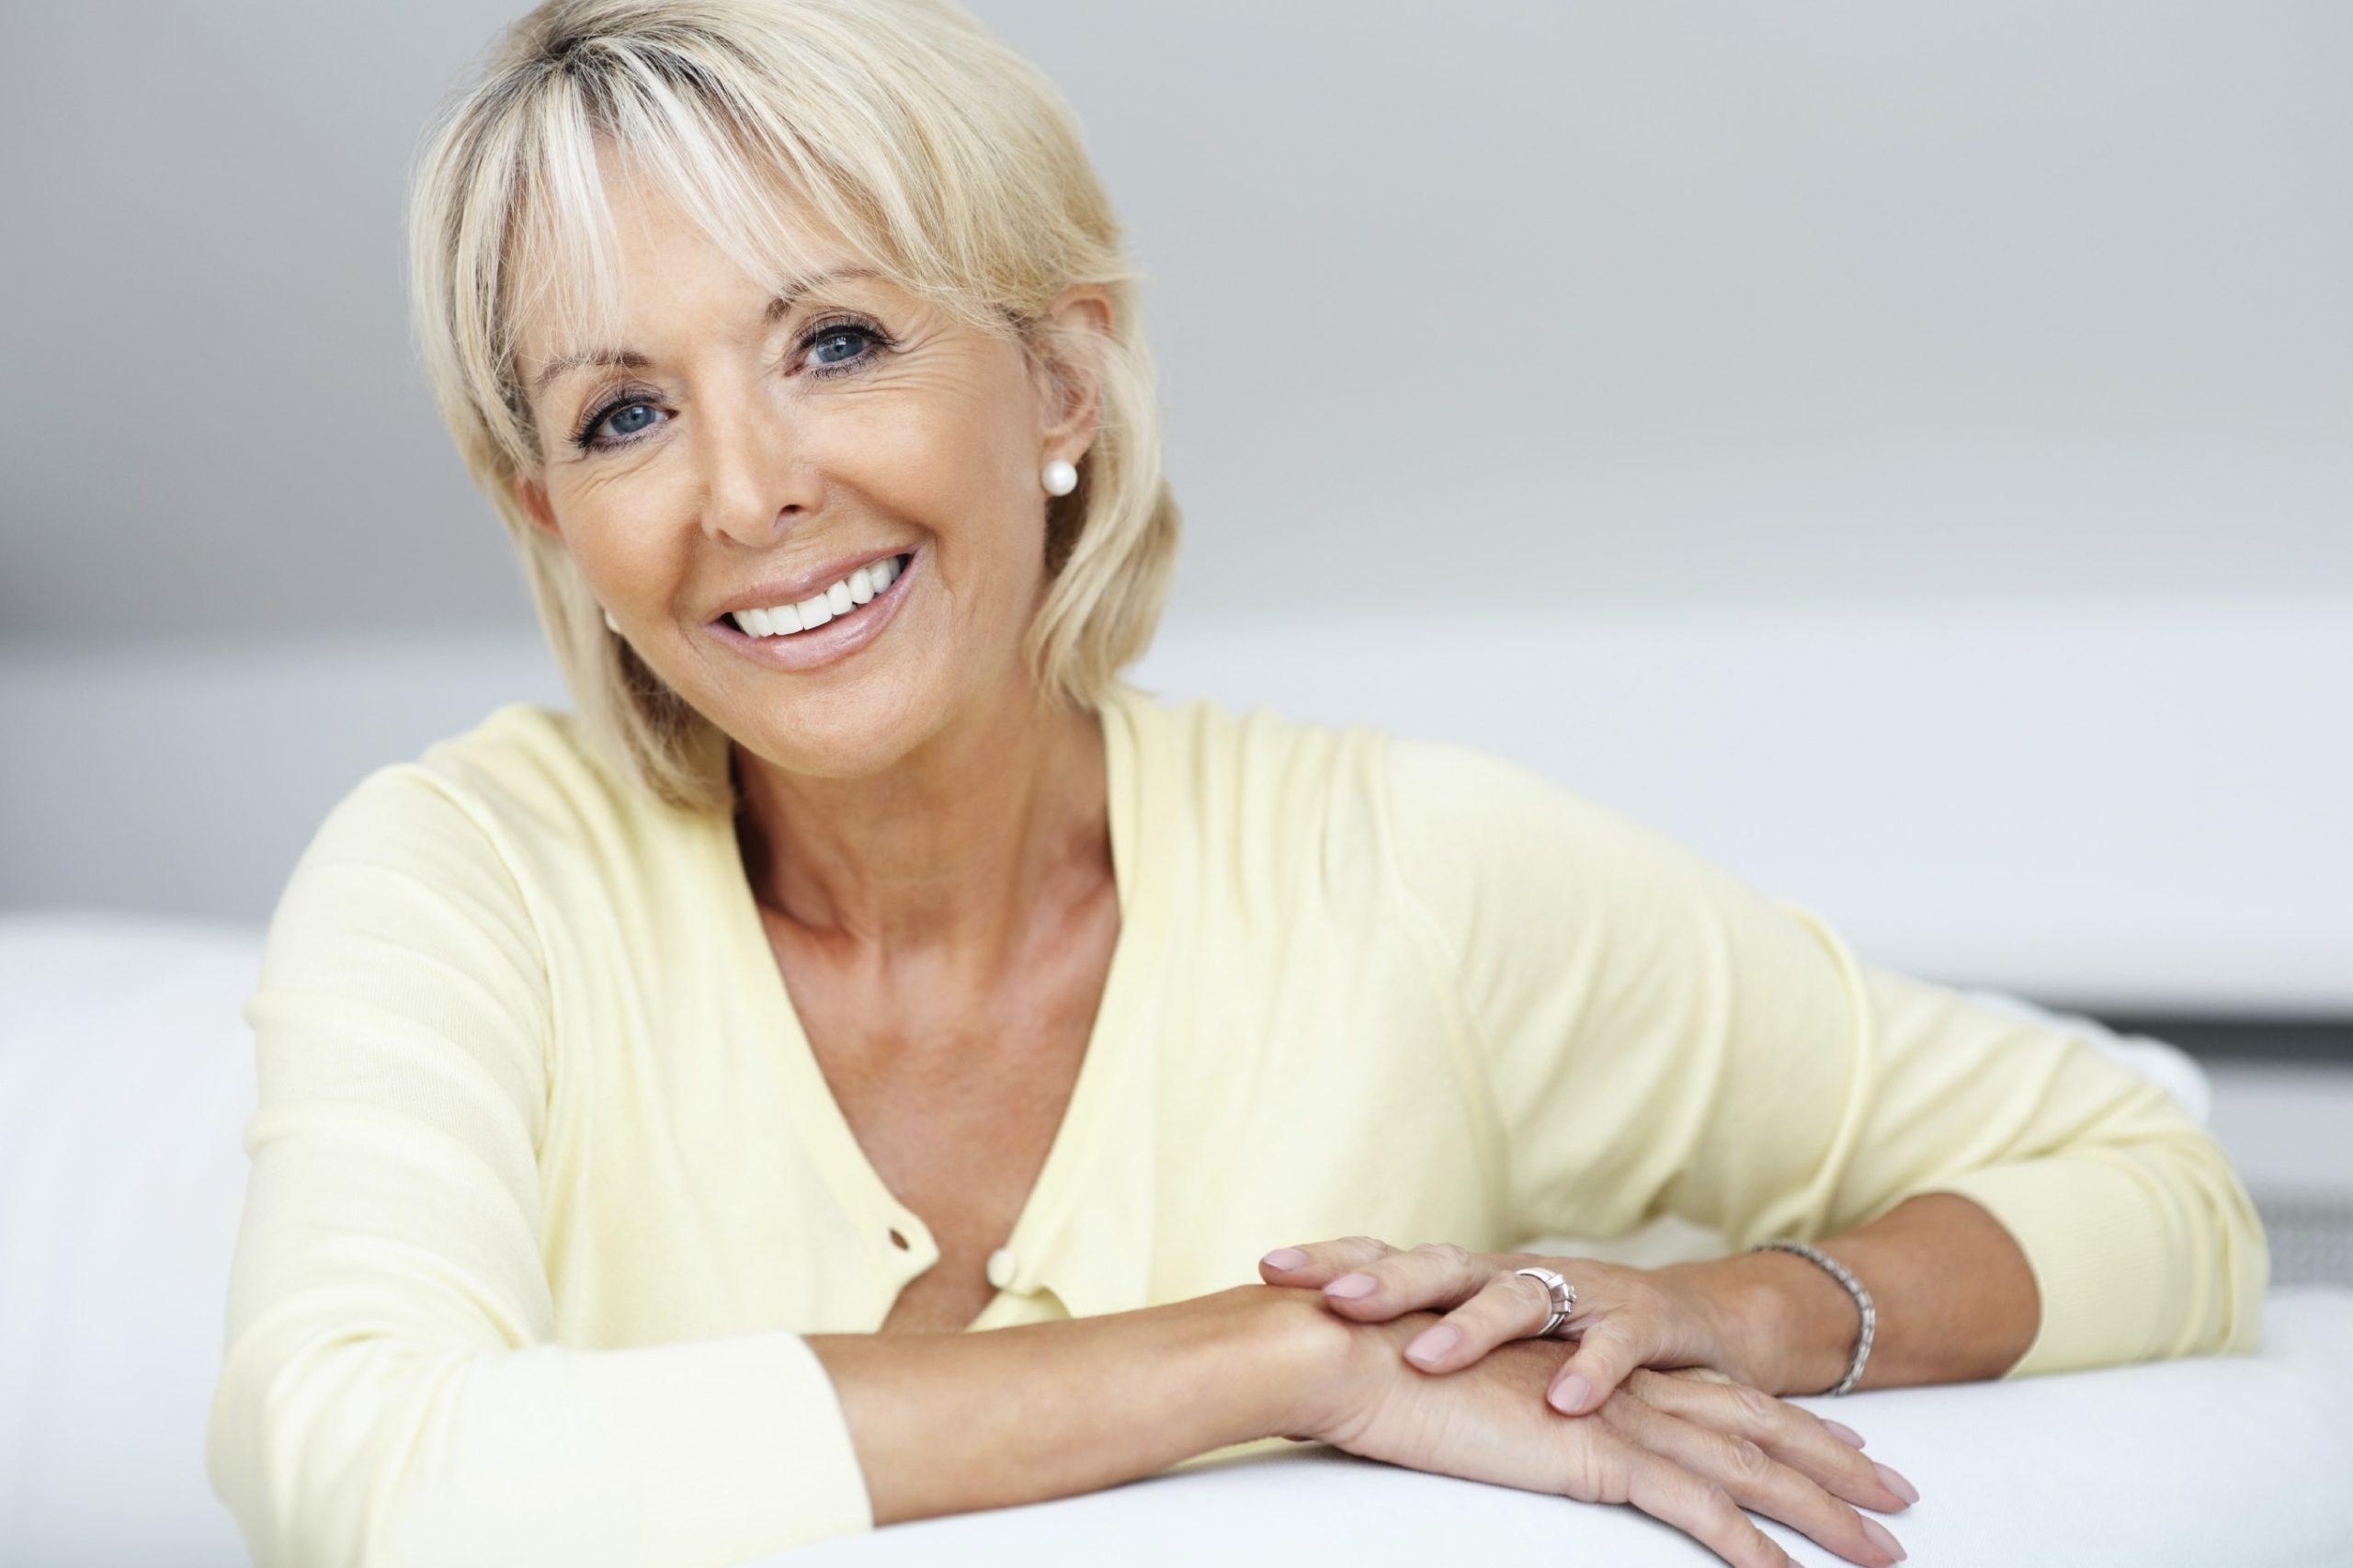 greu de pierdut în greutate după menopauză